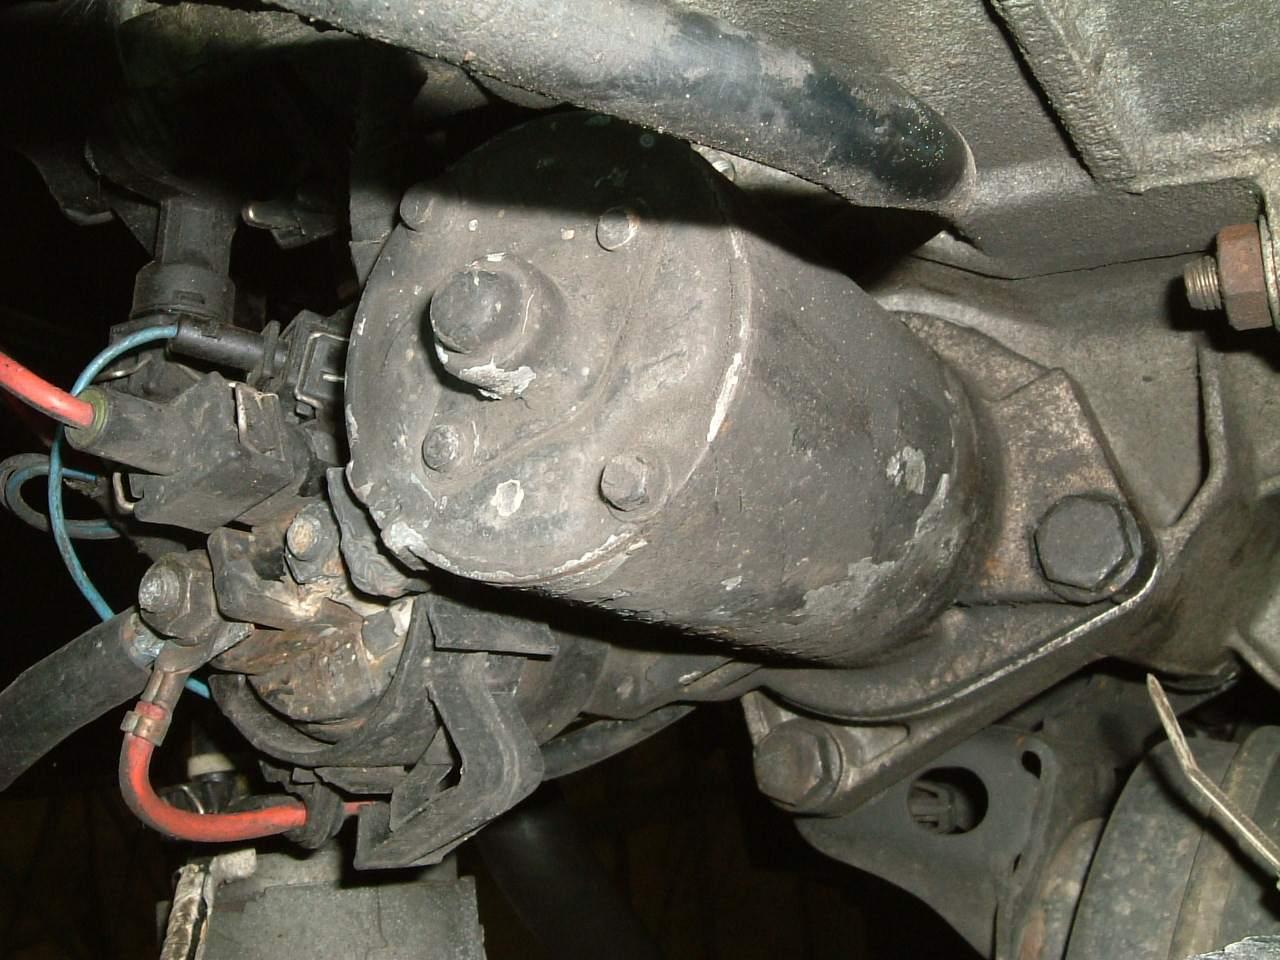 Autoelektrik Reparaturanleitungen Pruef Mess Und